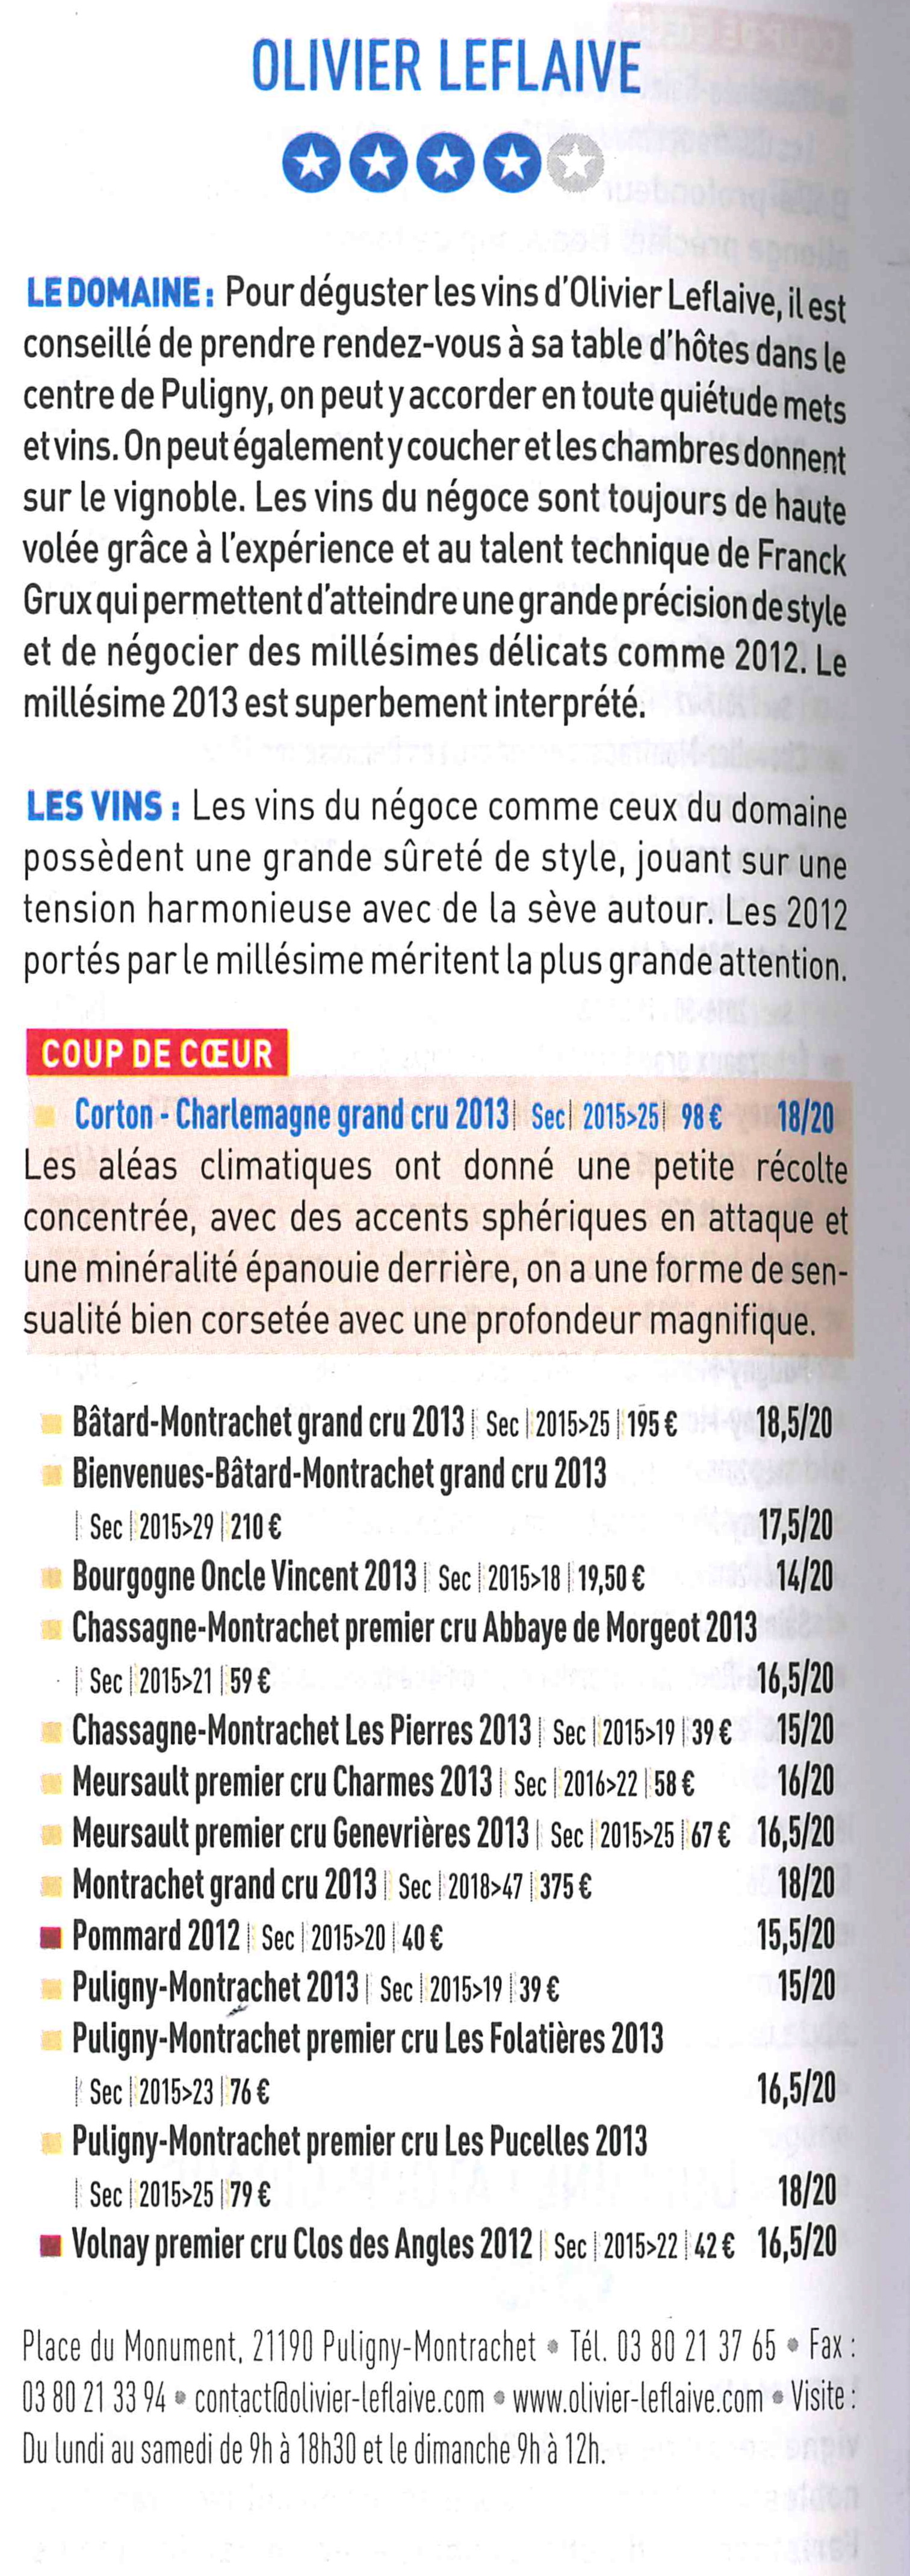 Nouveau guide bettane et dessauve 2016 olivier leflaive - La table d olivier leflaive puligny montrachet ...